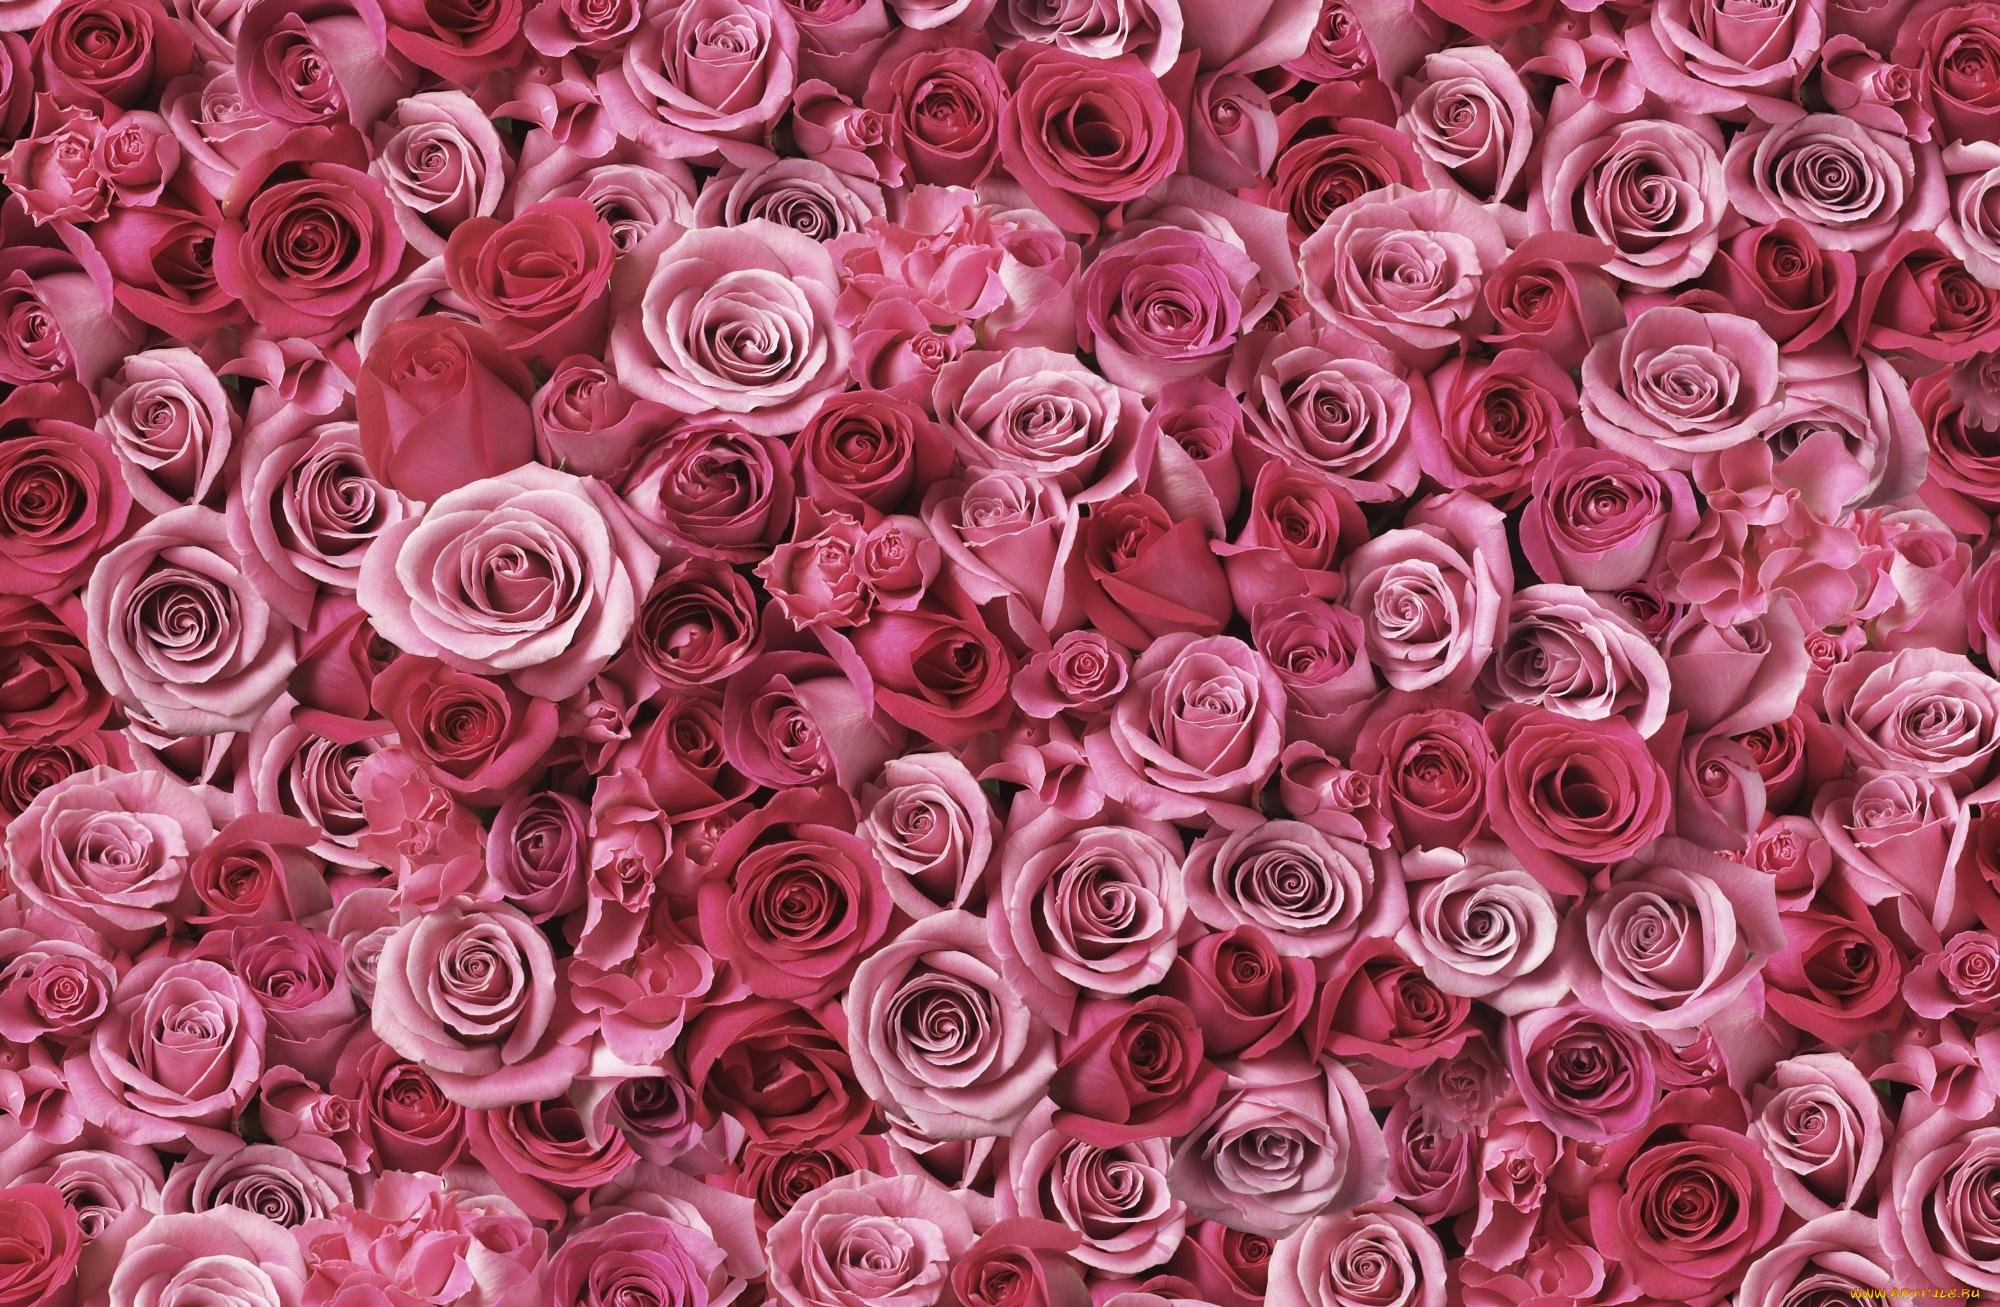 картинку картинки для ватсапа цветы новомодные тур улицам саяногорска